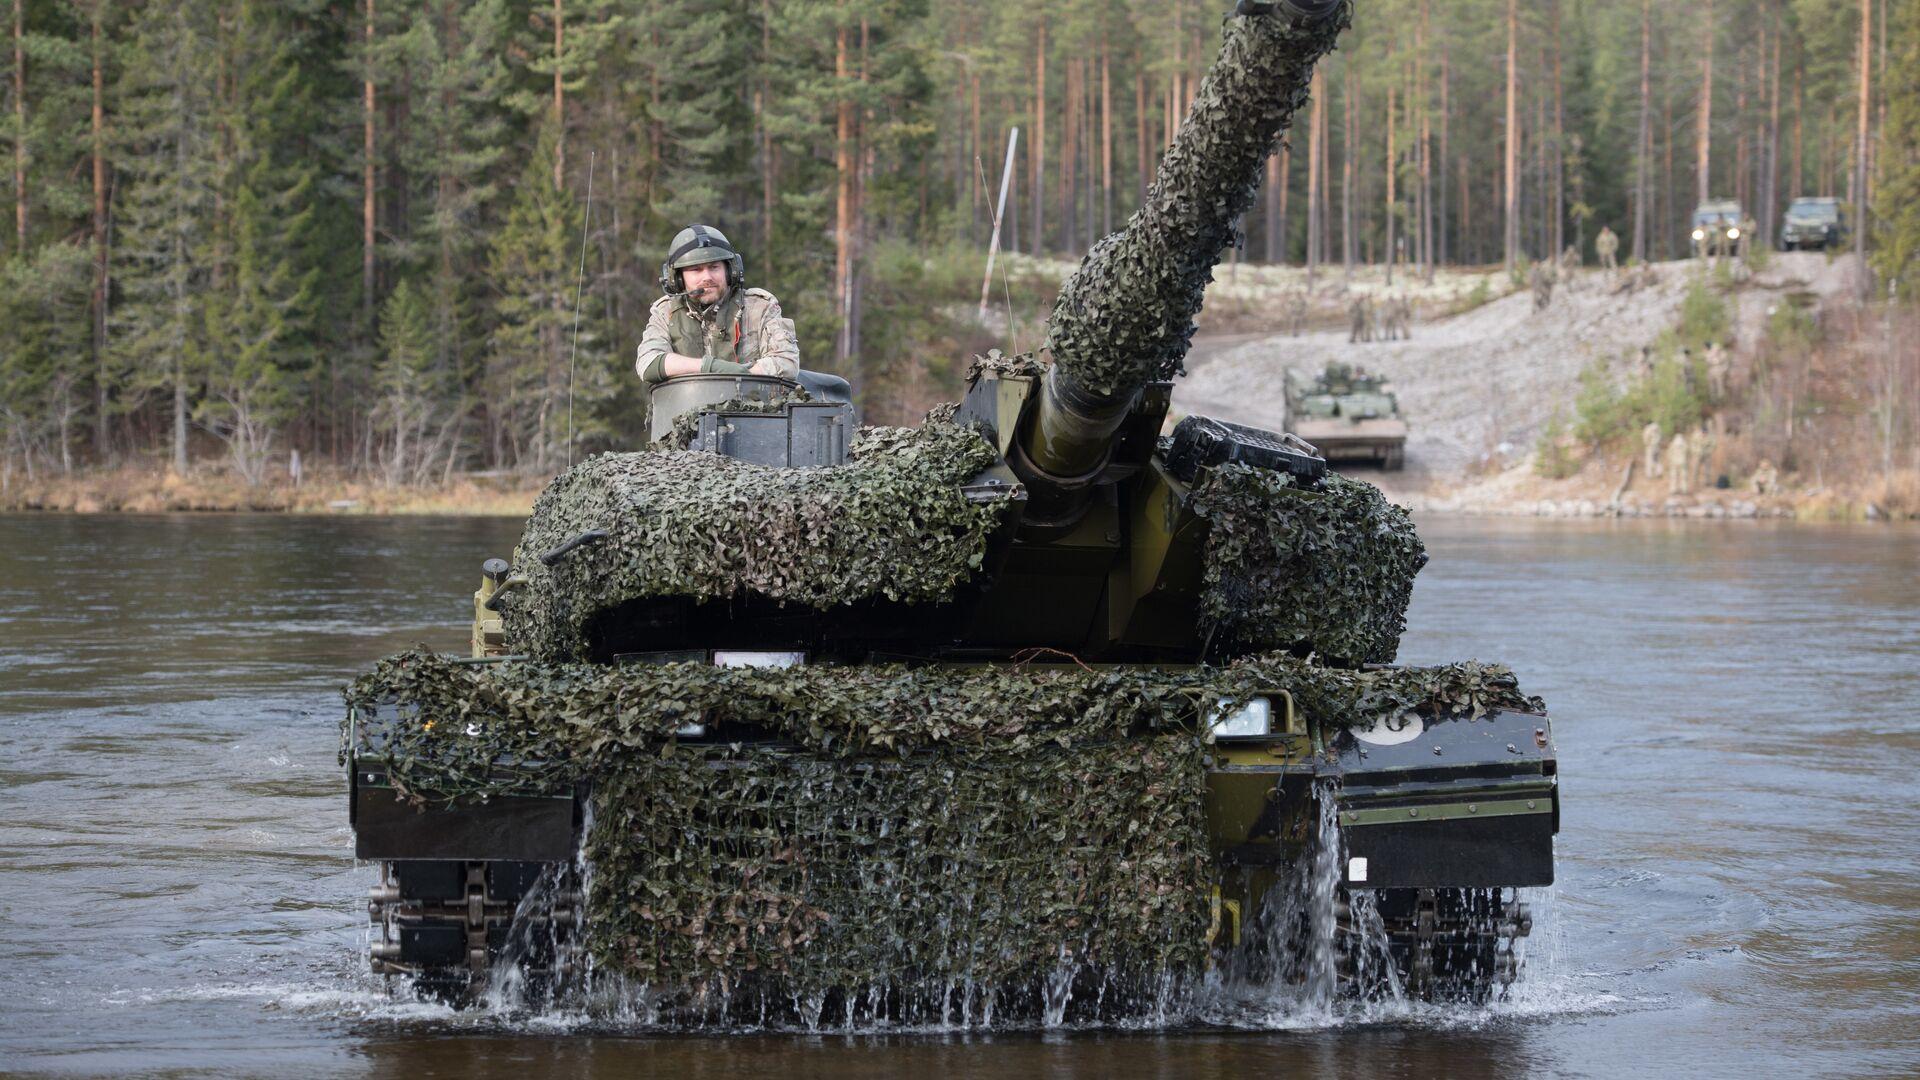 Датский танк Leopard 2 форсирует реку во время совместных учений войск НАТО Trident Juncture 2018 (Единый трезубец) в Норвегии - РИА Новости, 1920, 15.06.2020